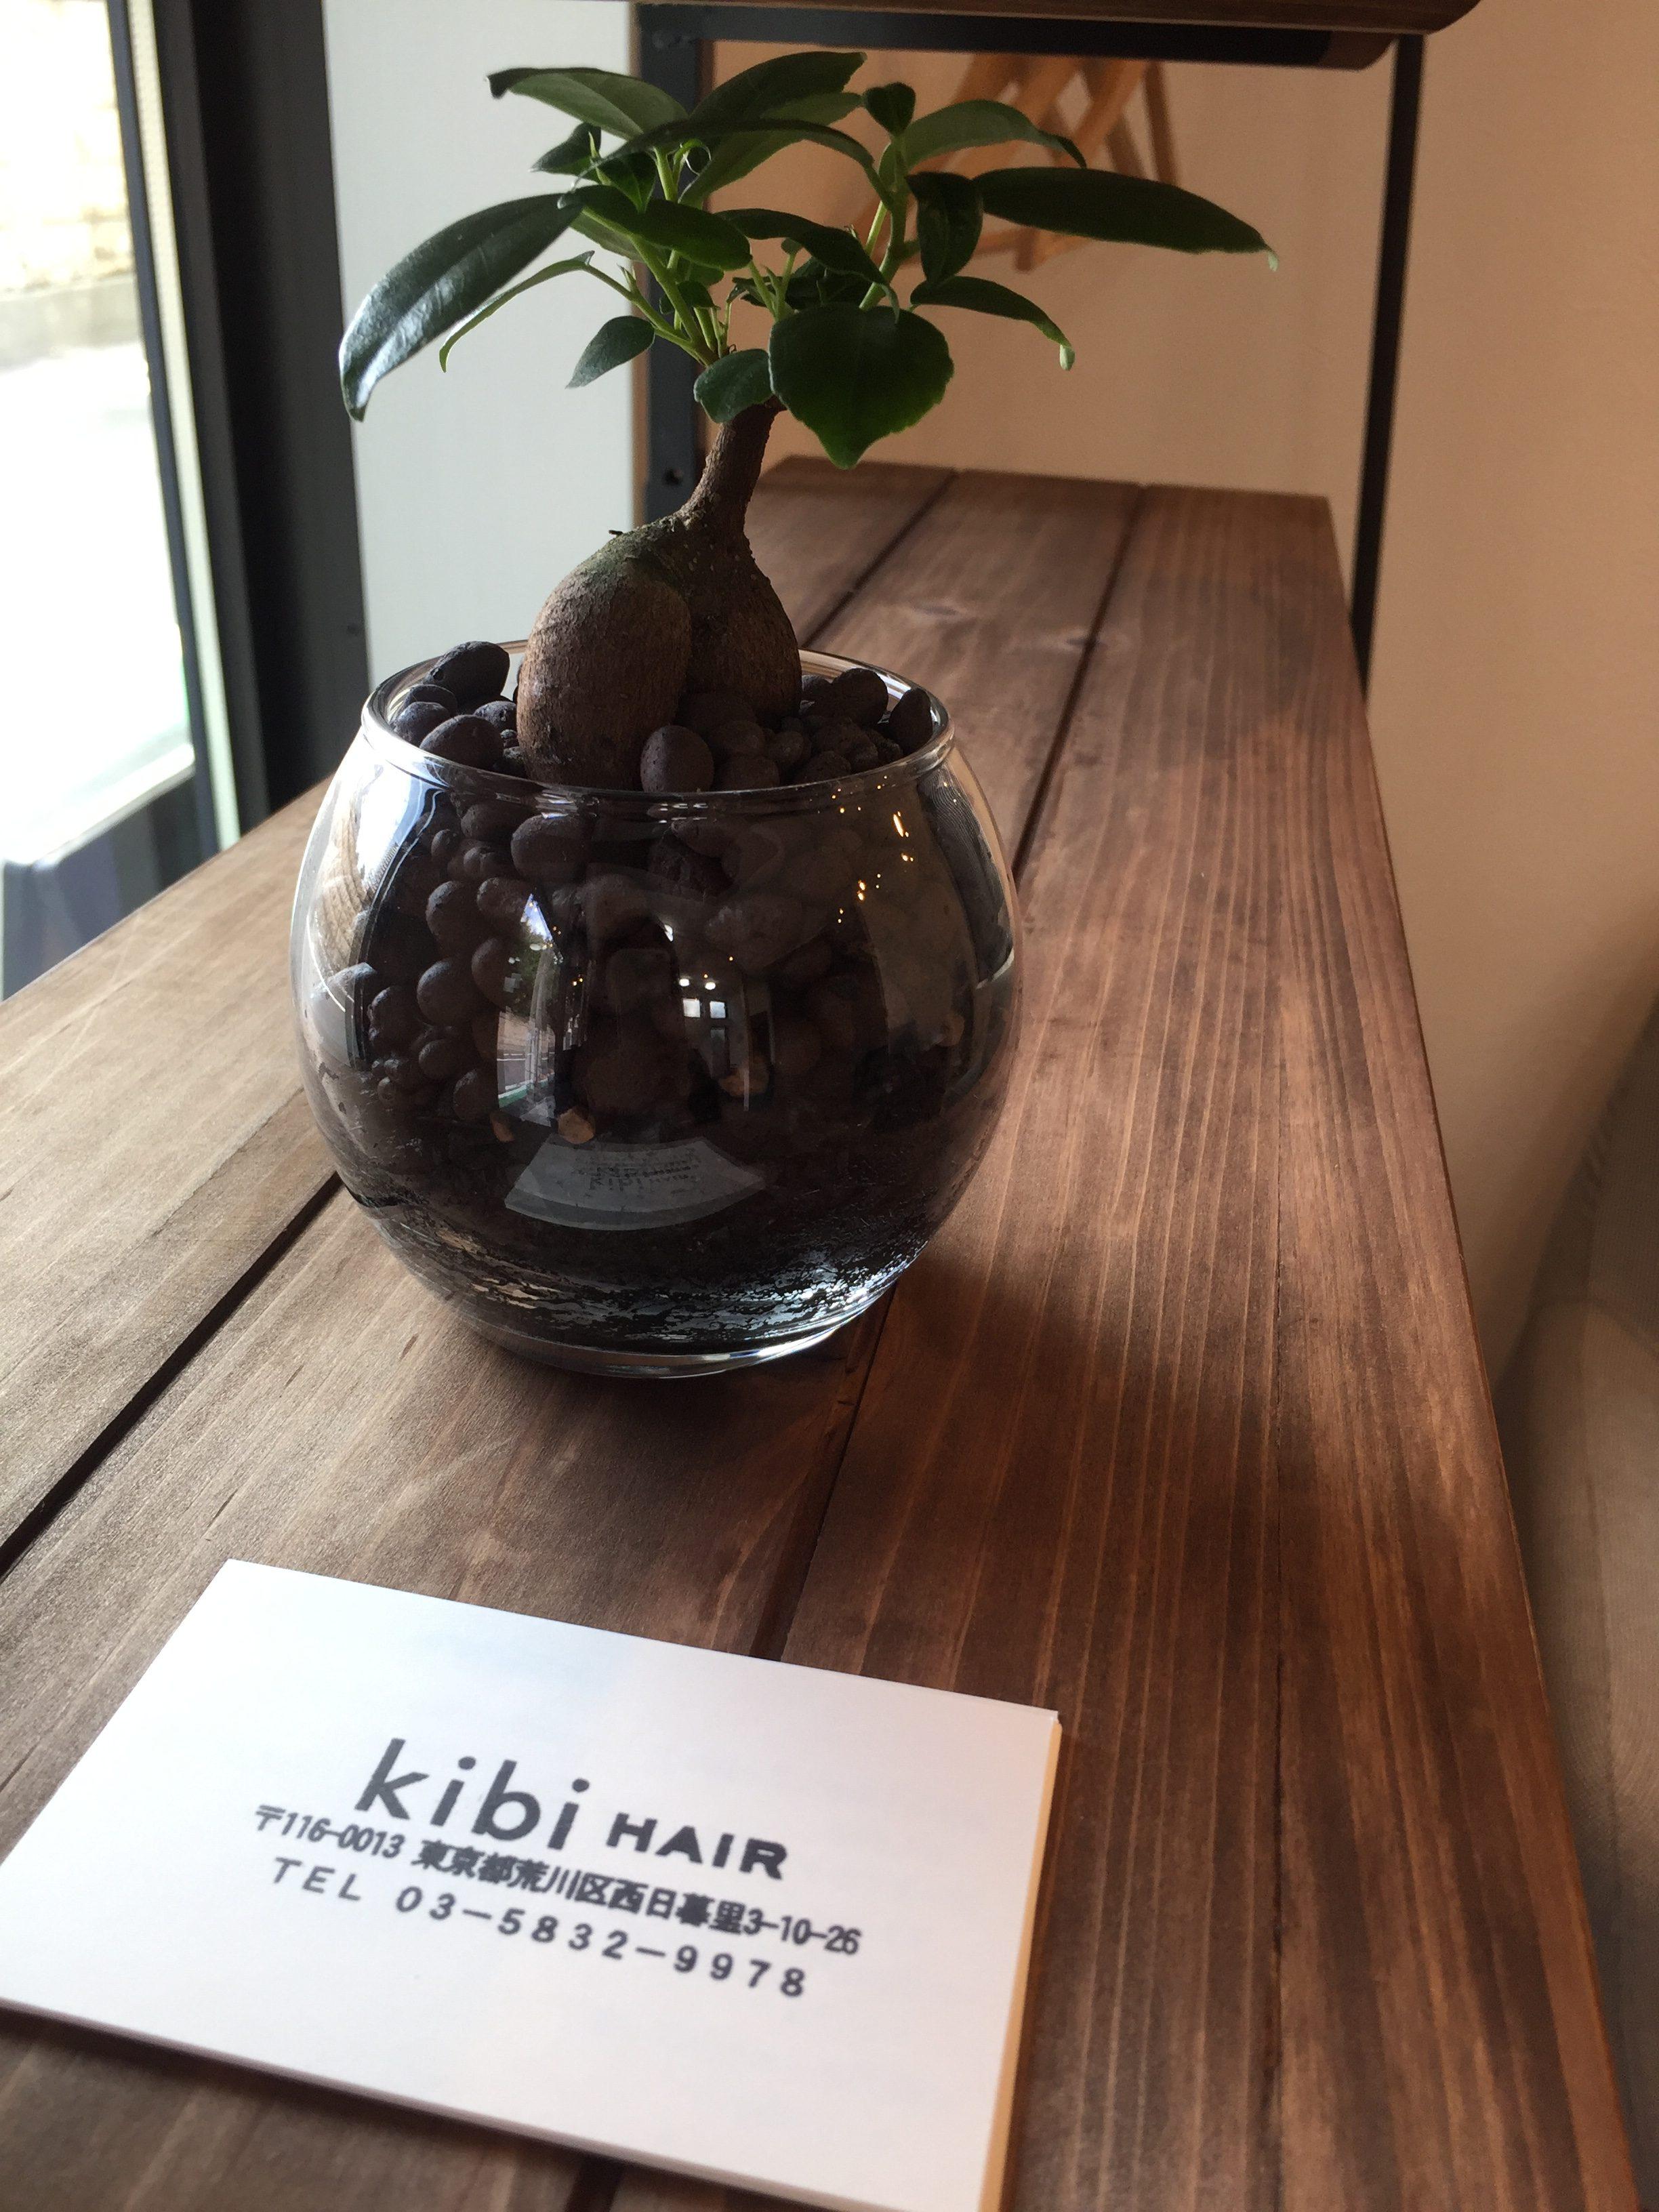 kibi HAIRスタッフ紹介